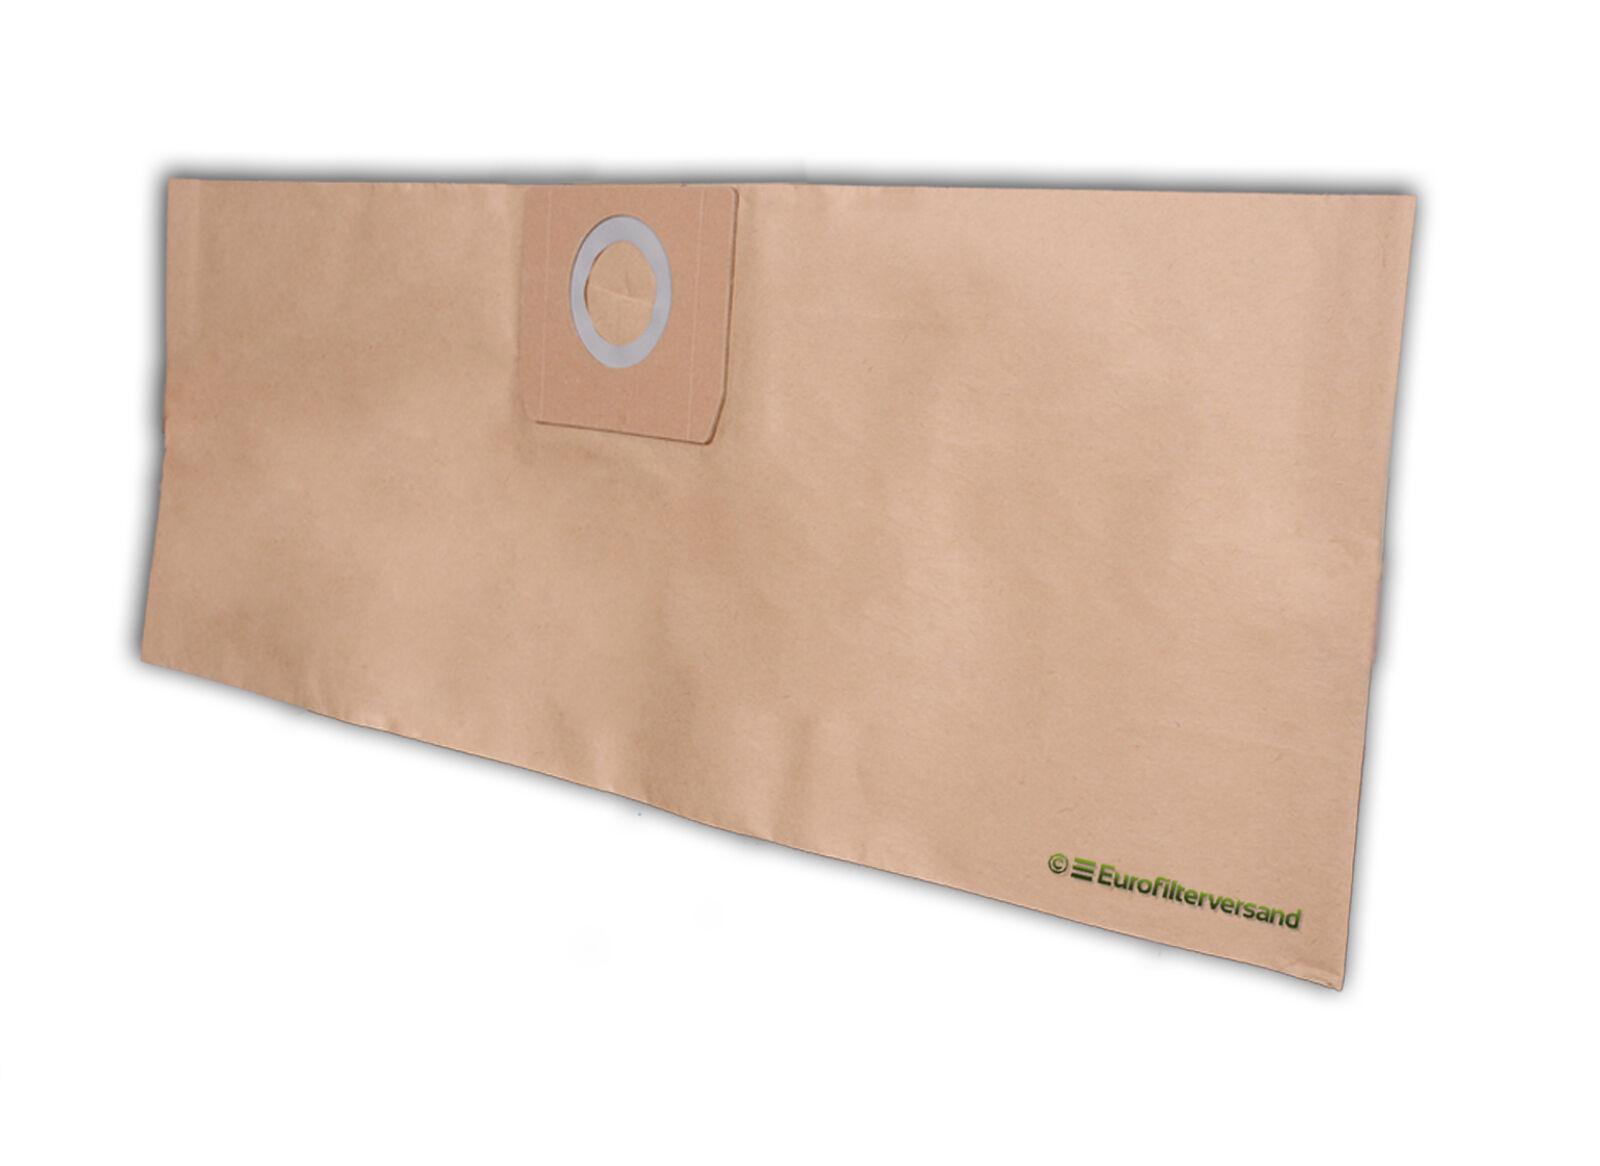 Rund-Filter Faltenfilter für WAP AERO 400 AERO 440 AERO 600